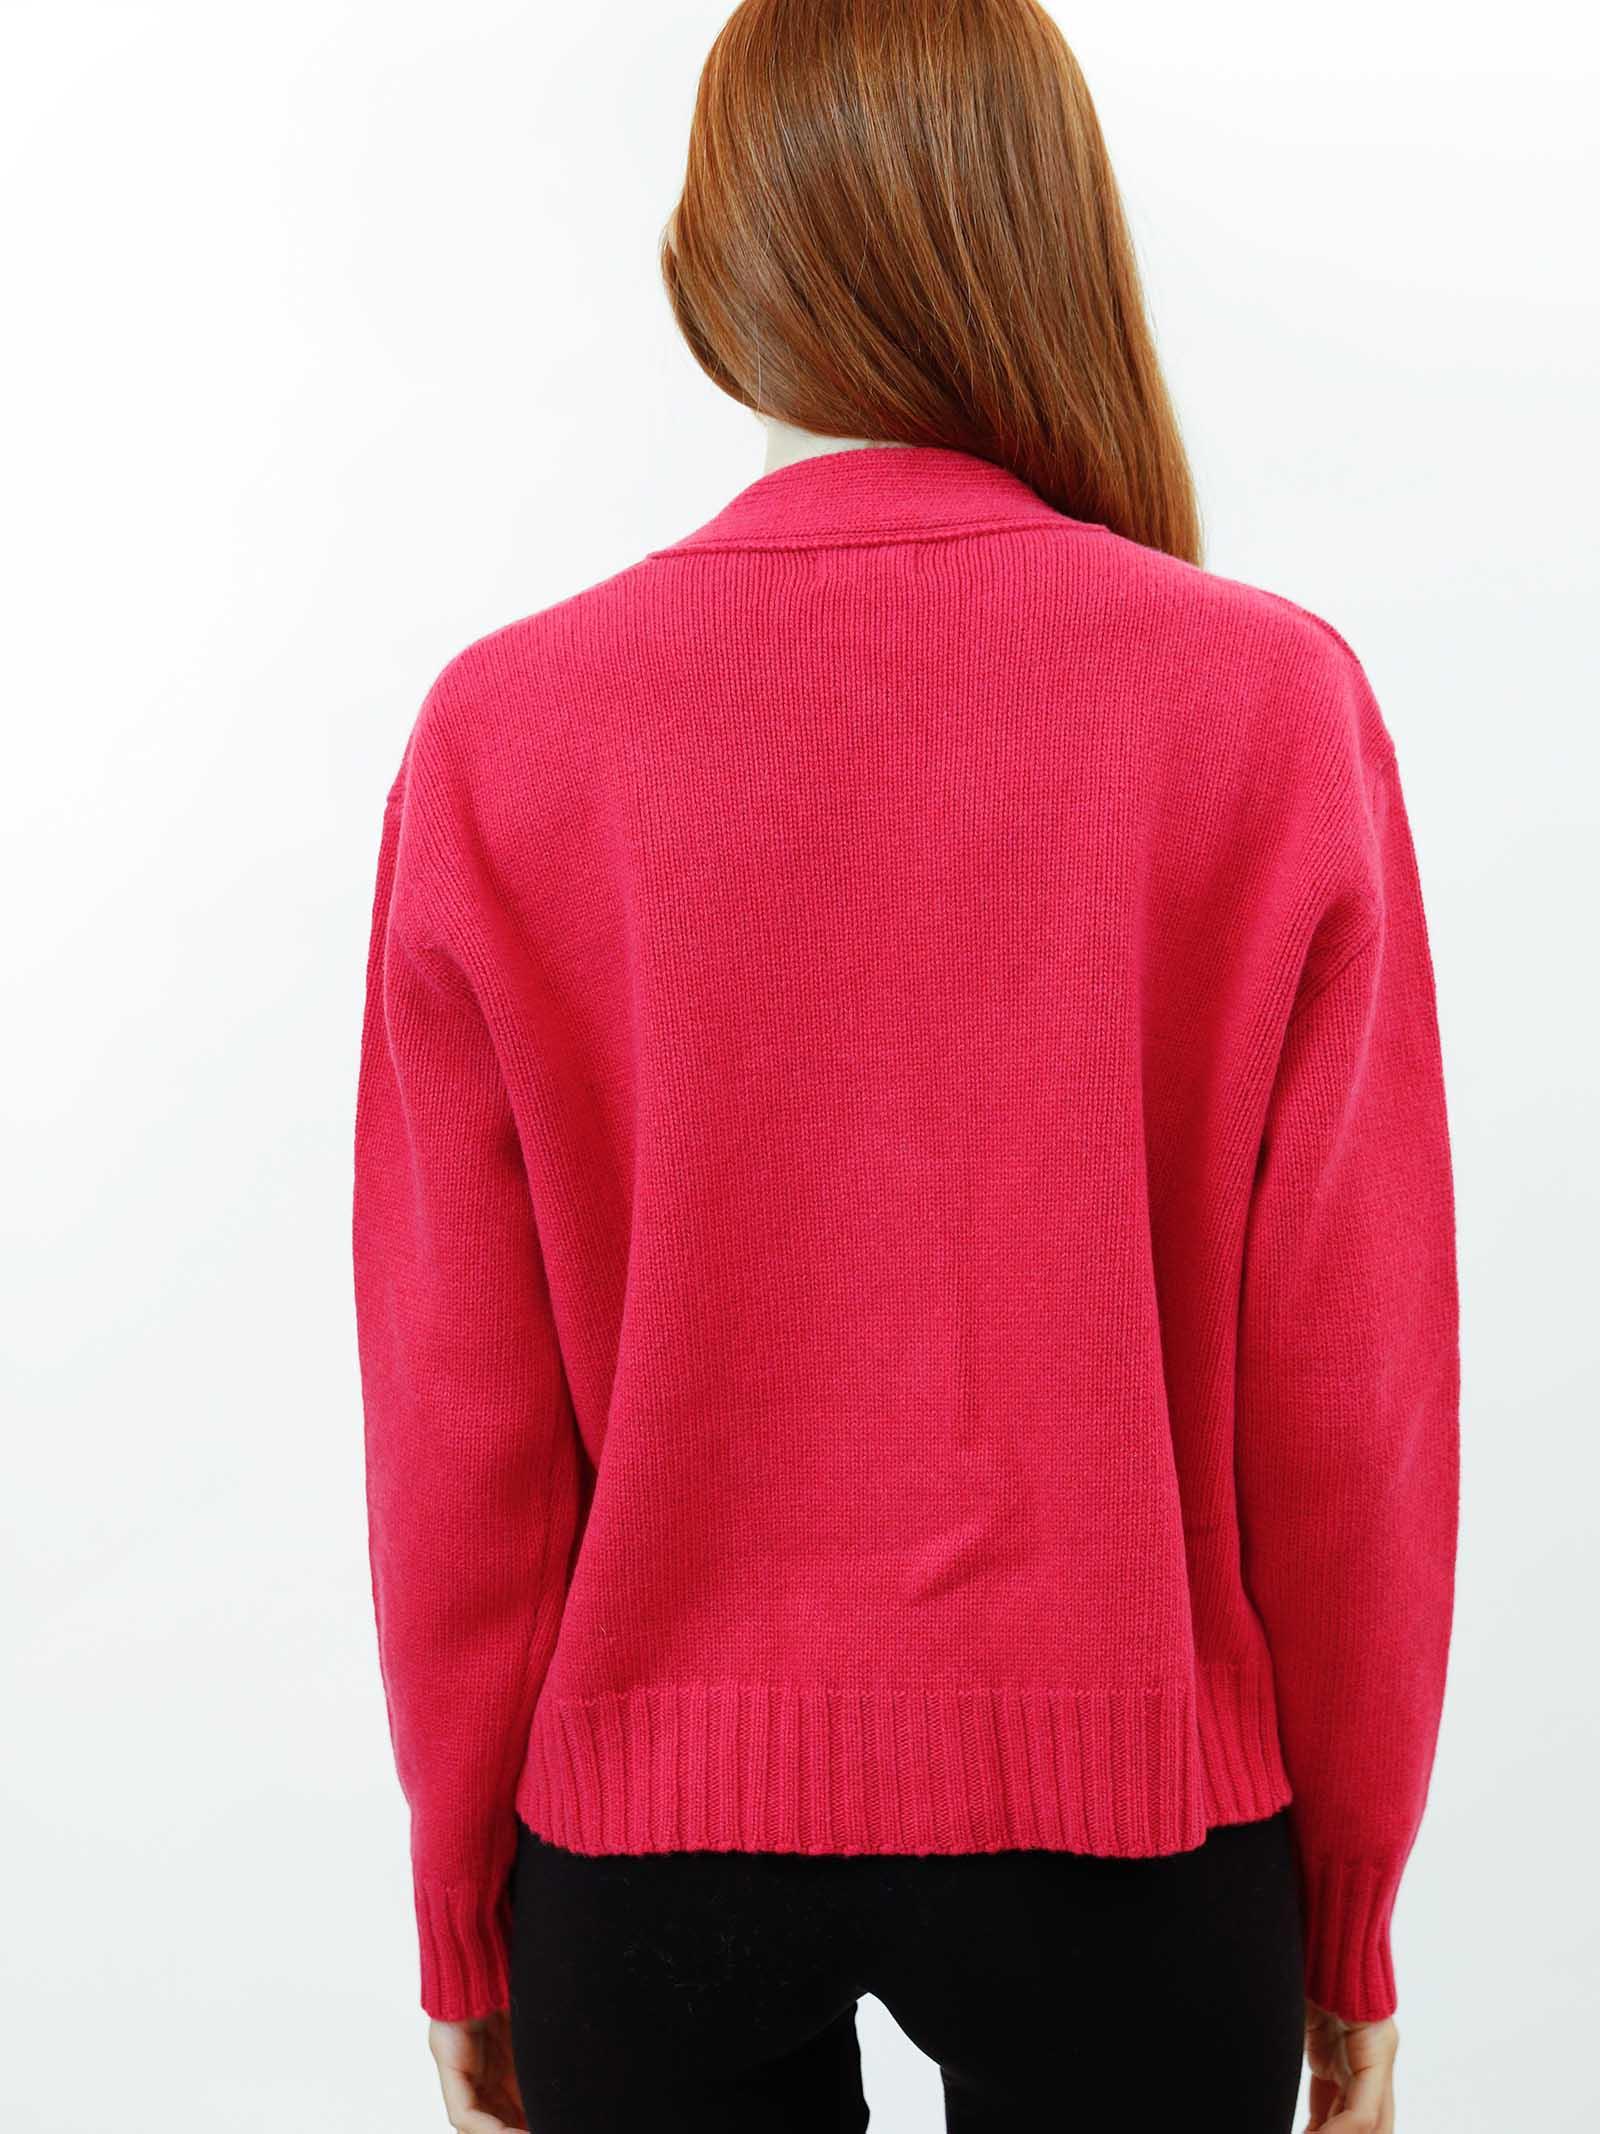 Abbigliamento Donna Cardigan Misto Cachemire in Rosso Geranio con Bottoni in Tinta Maliparmi | Maglieria | JN35537431534007